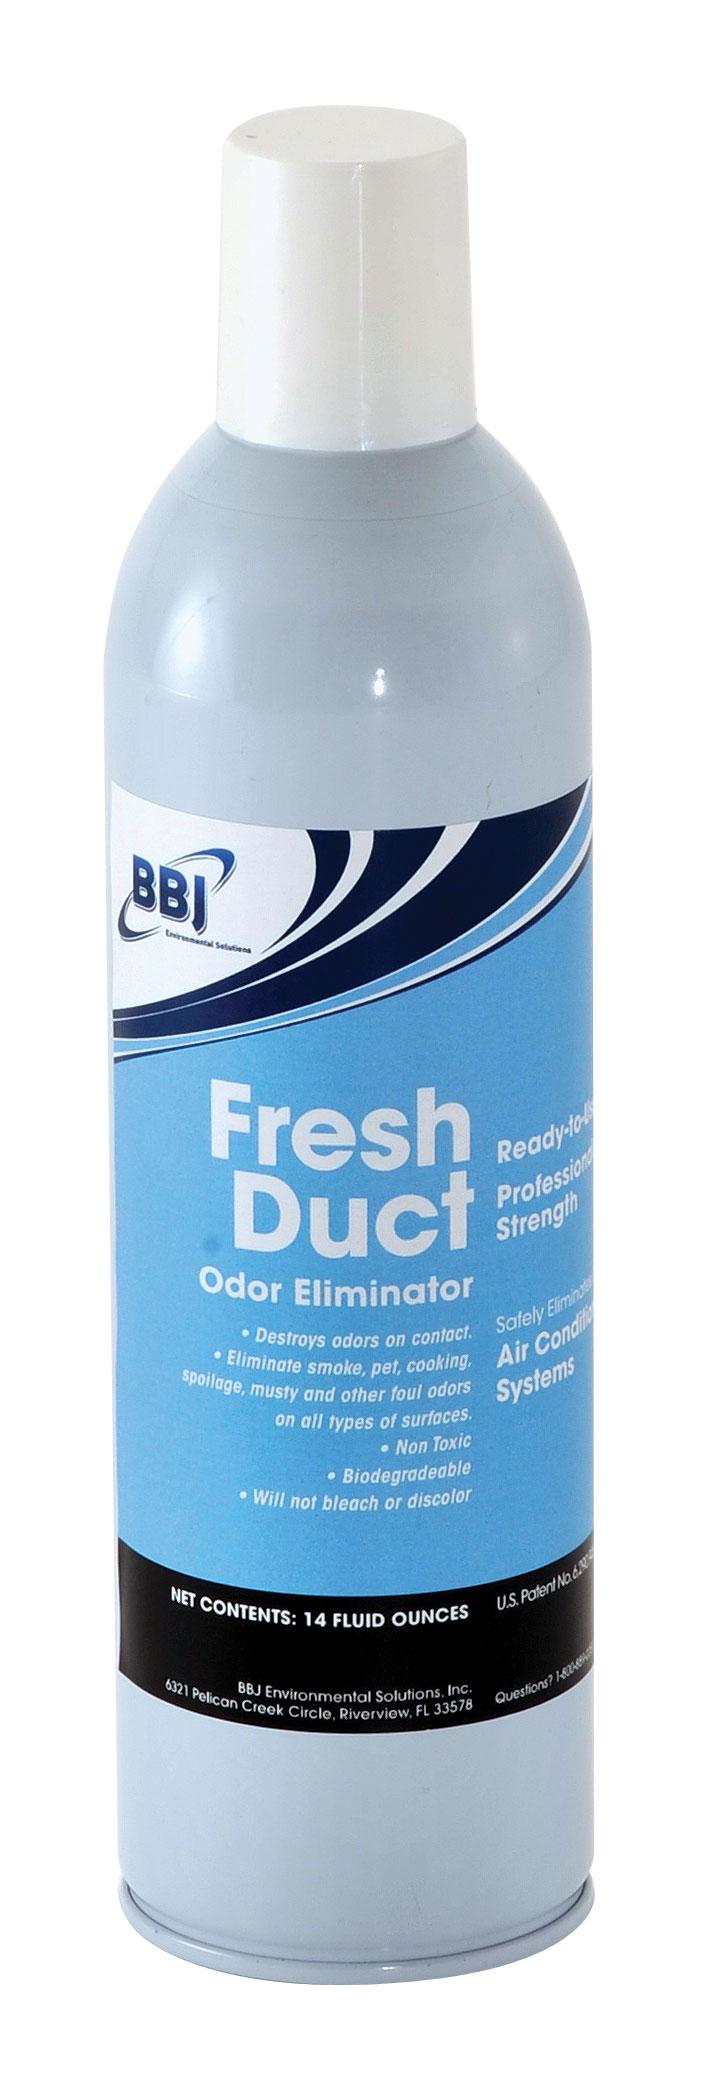 Dirty sock odor mold remediation control hvac